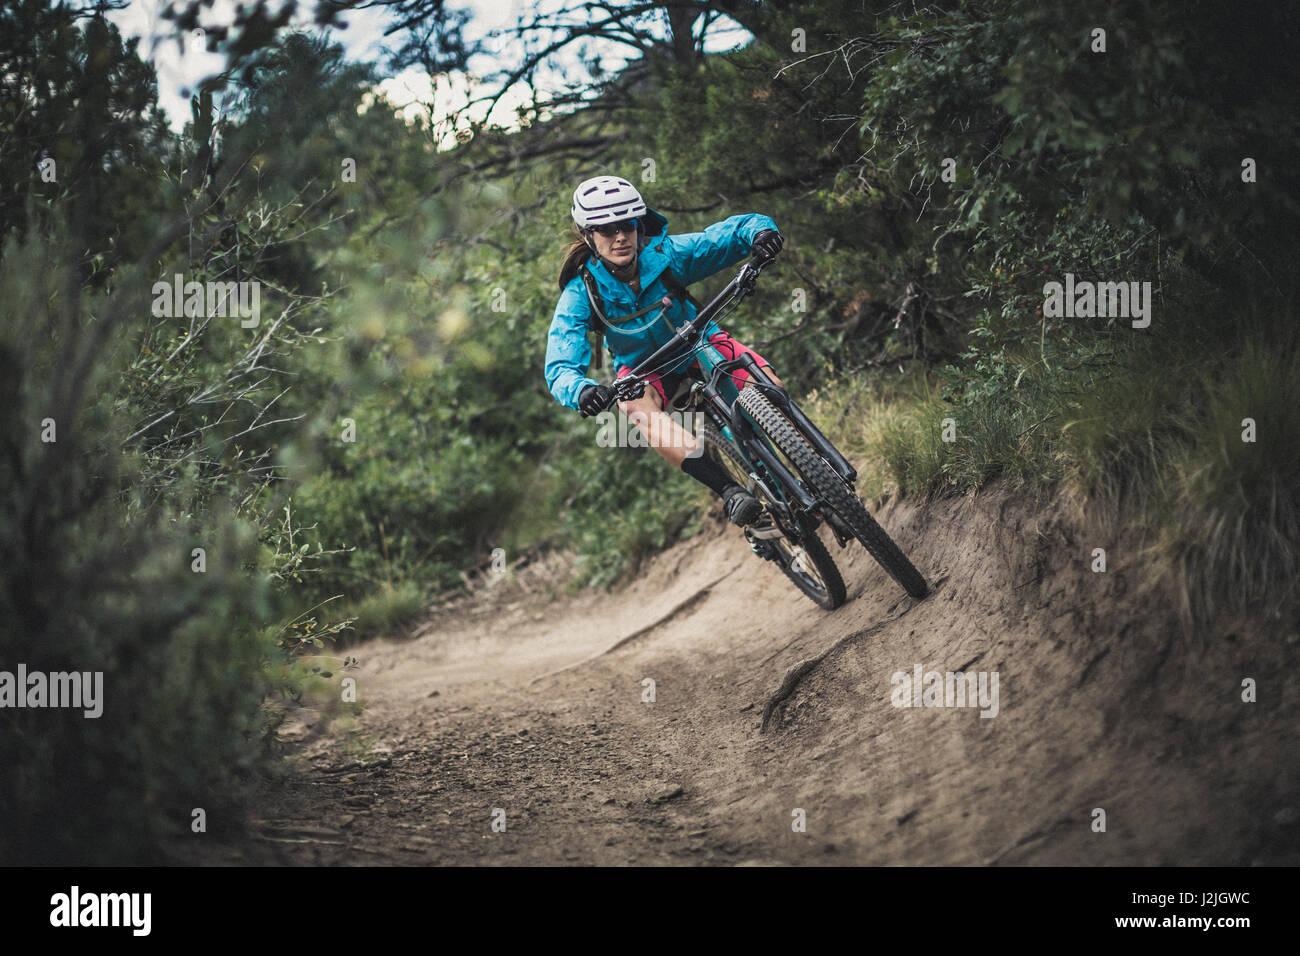 Nichole Baker, el ciclismo de montaña en la Pradera Loop Trail, Caballo área Gulch, Durango, CO. Imagen De Stock